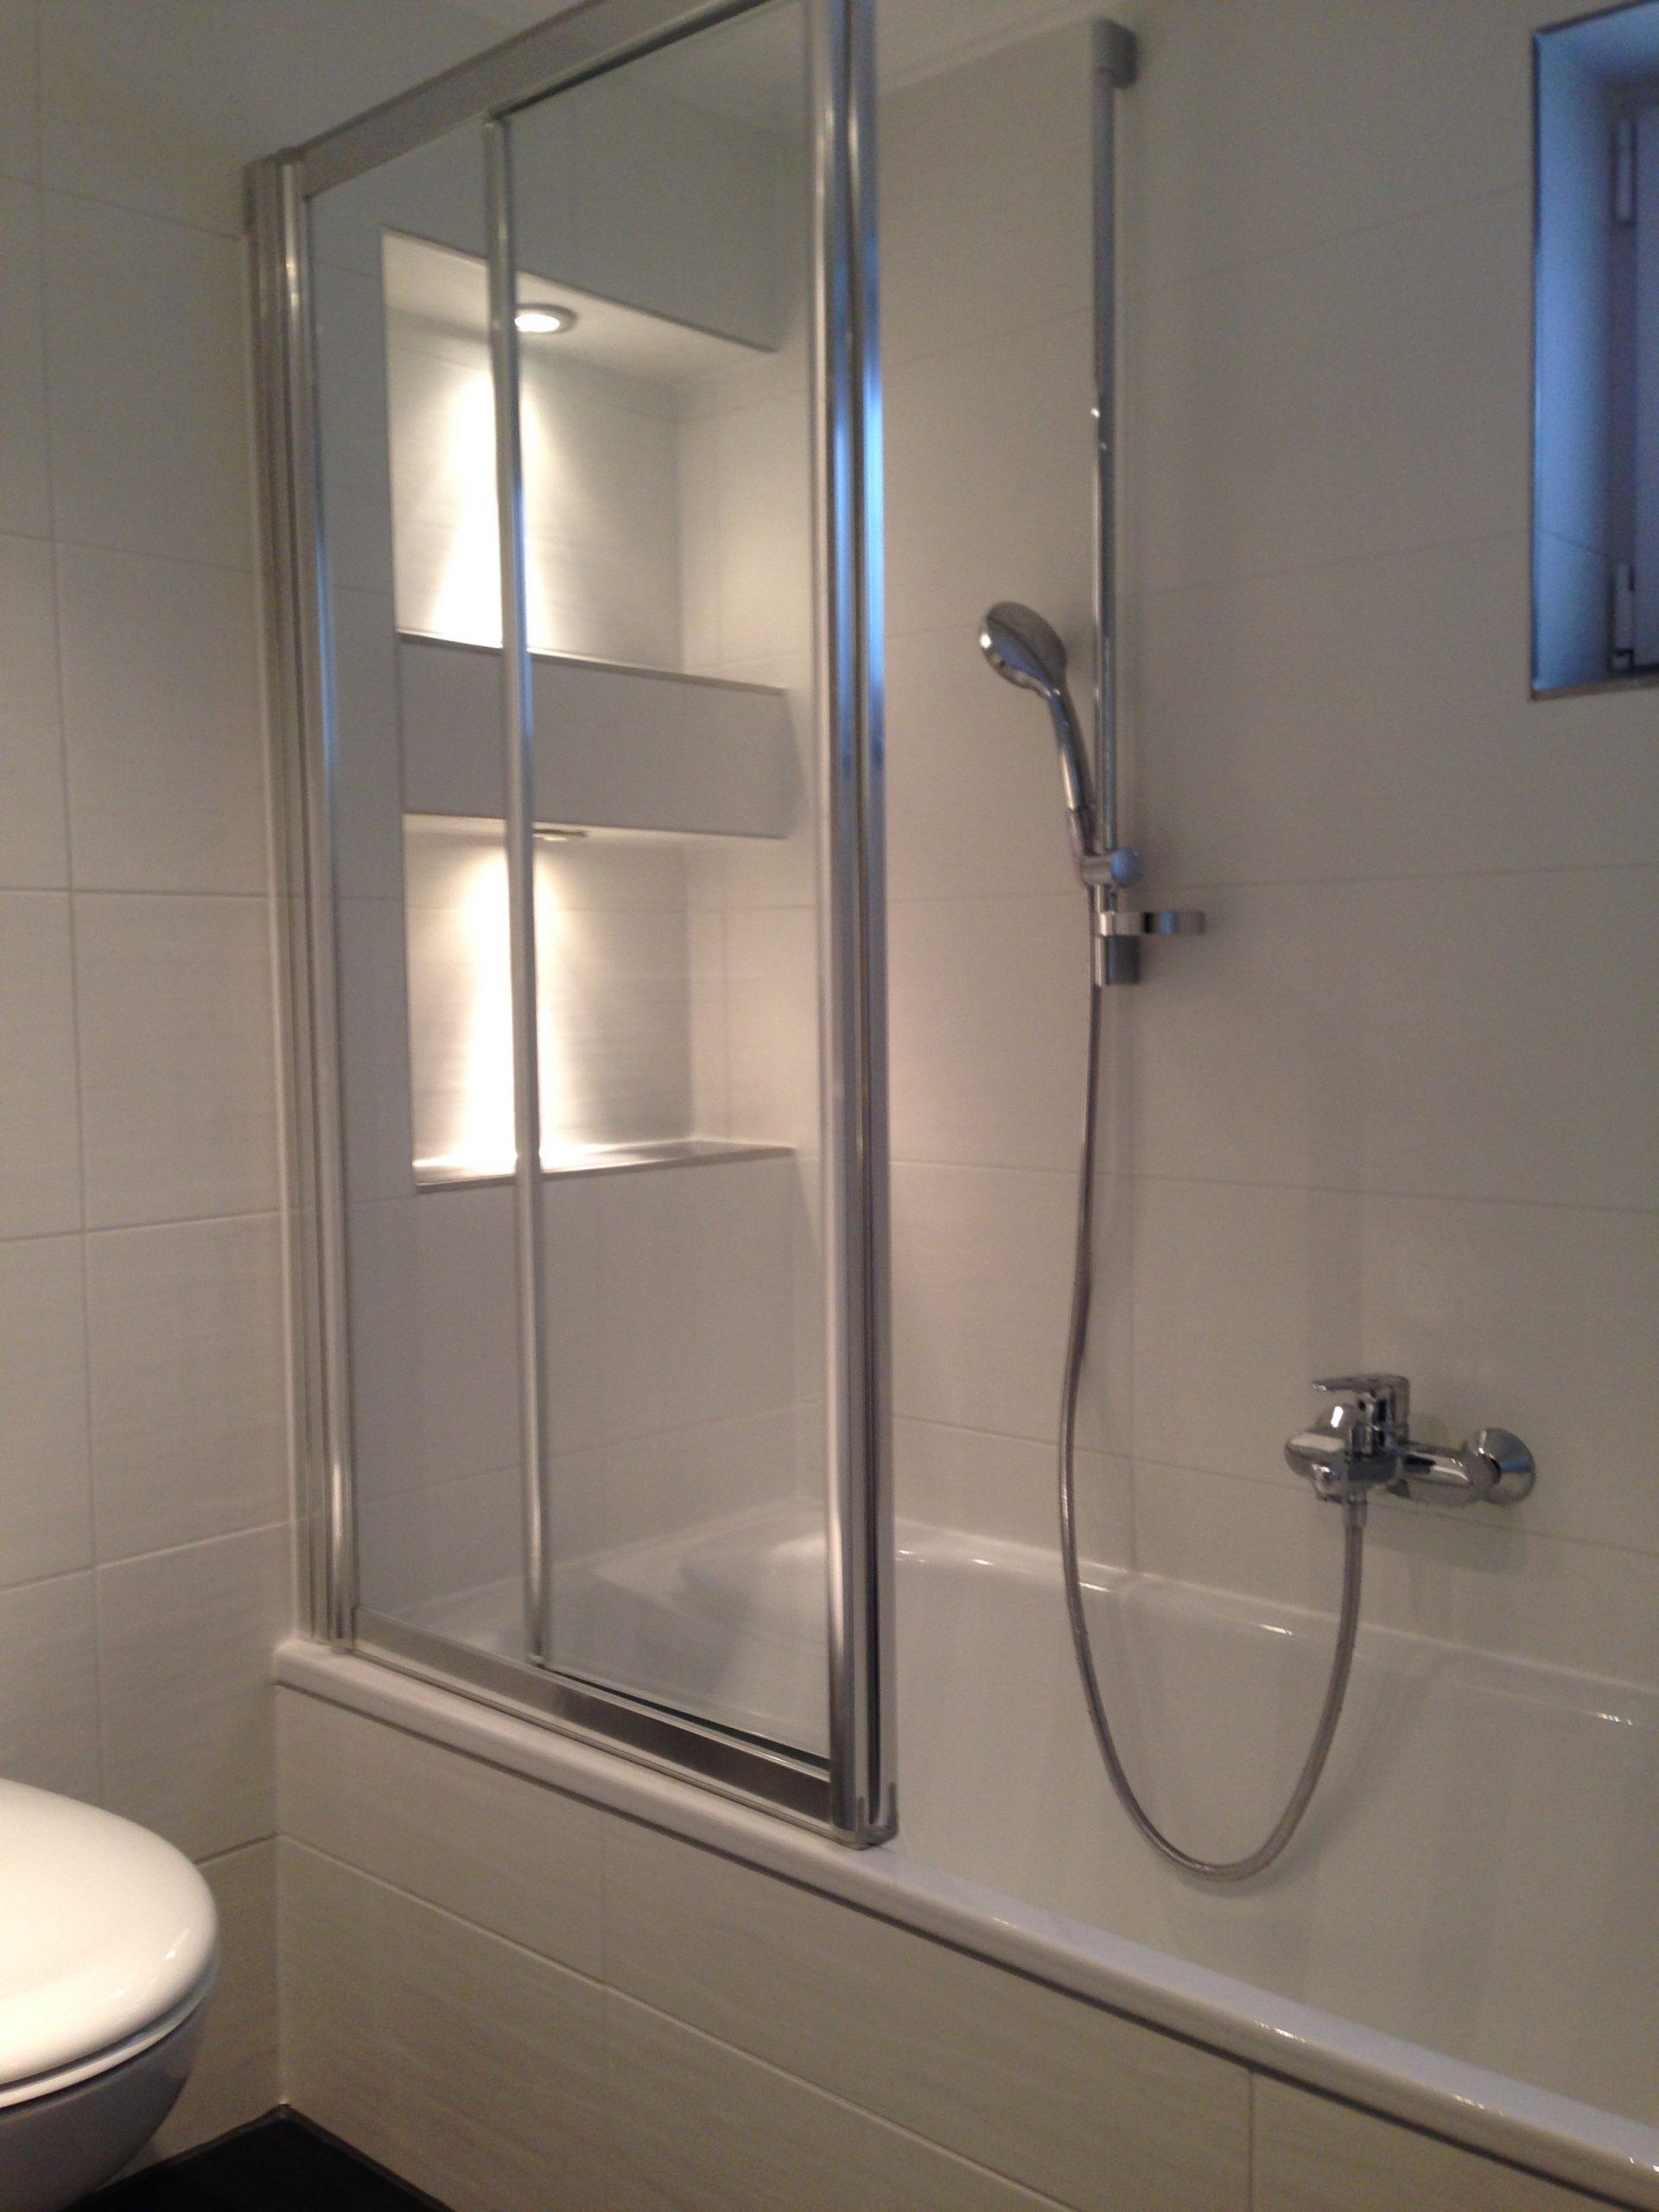 Duschbadewanne nach Renovierung